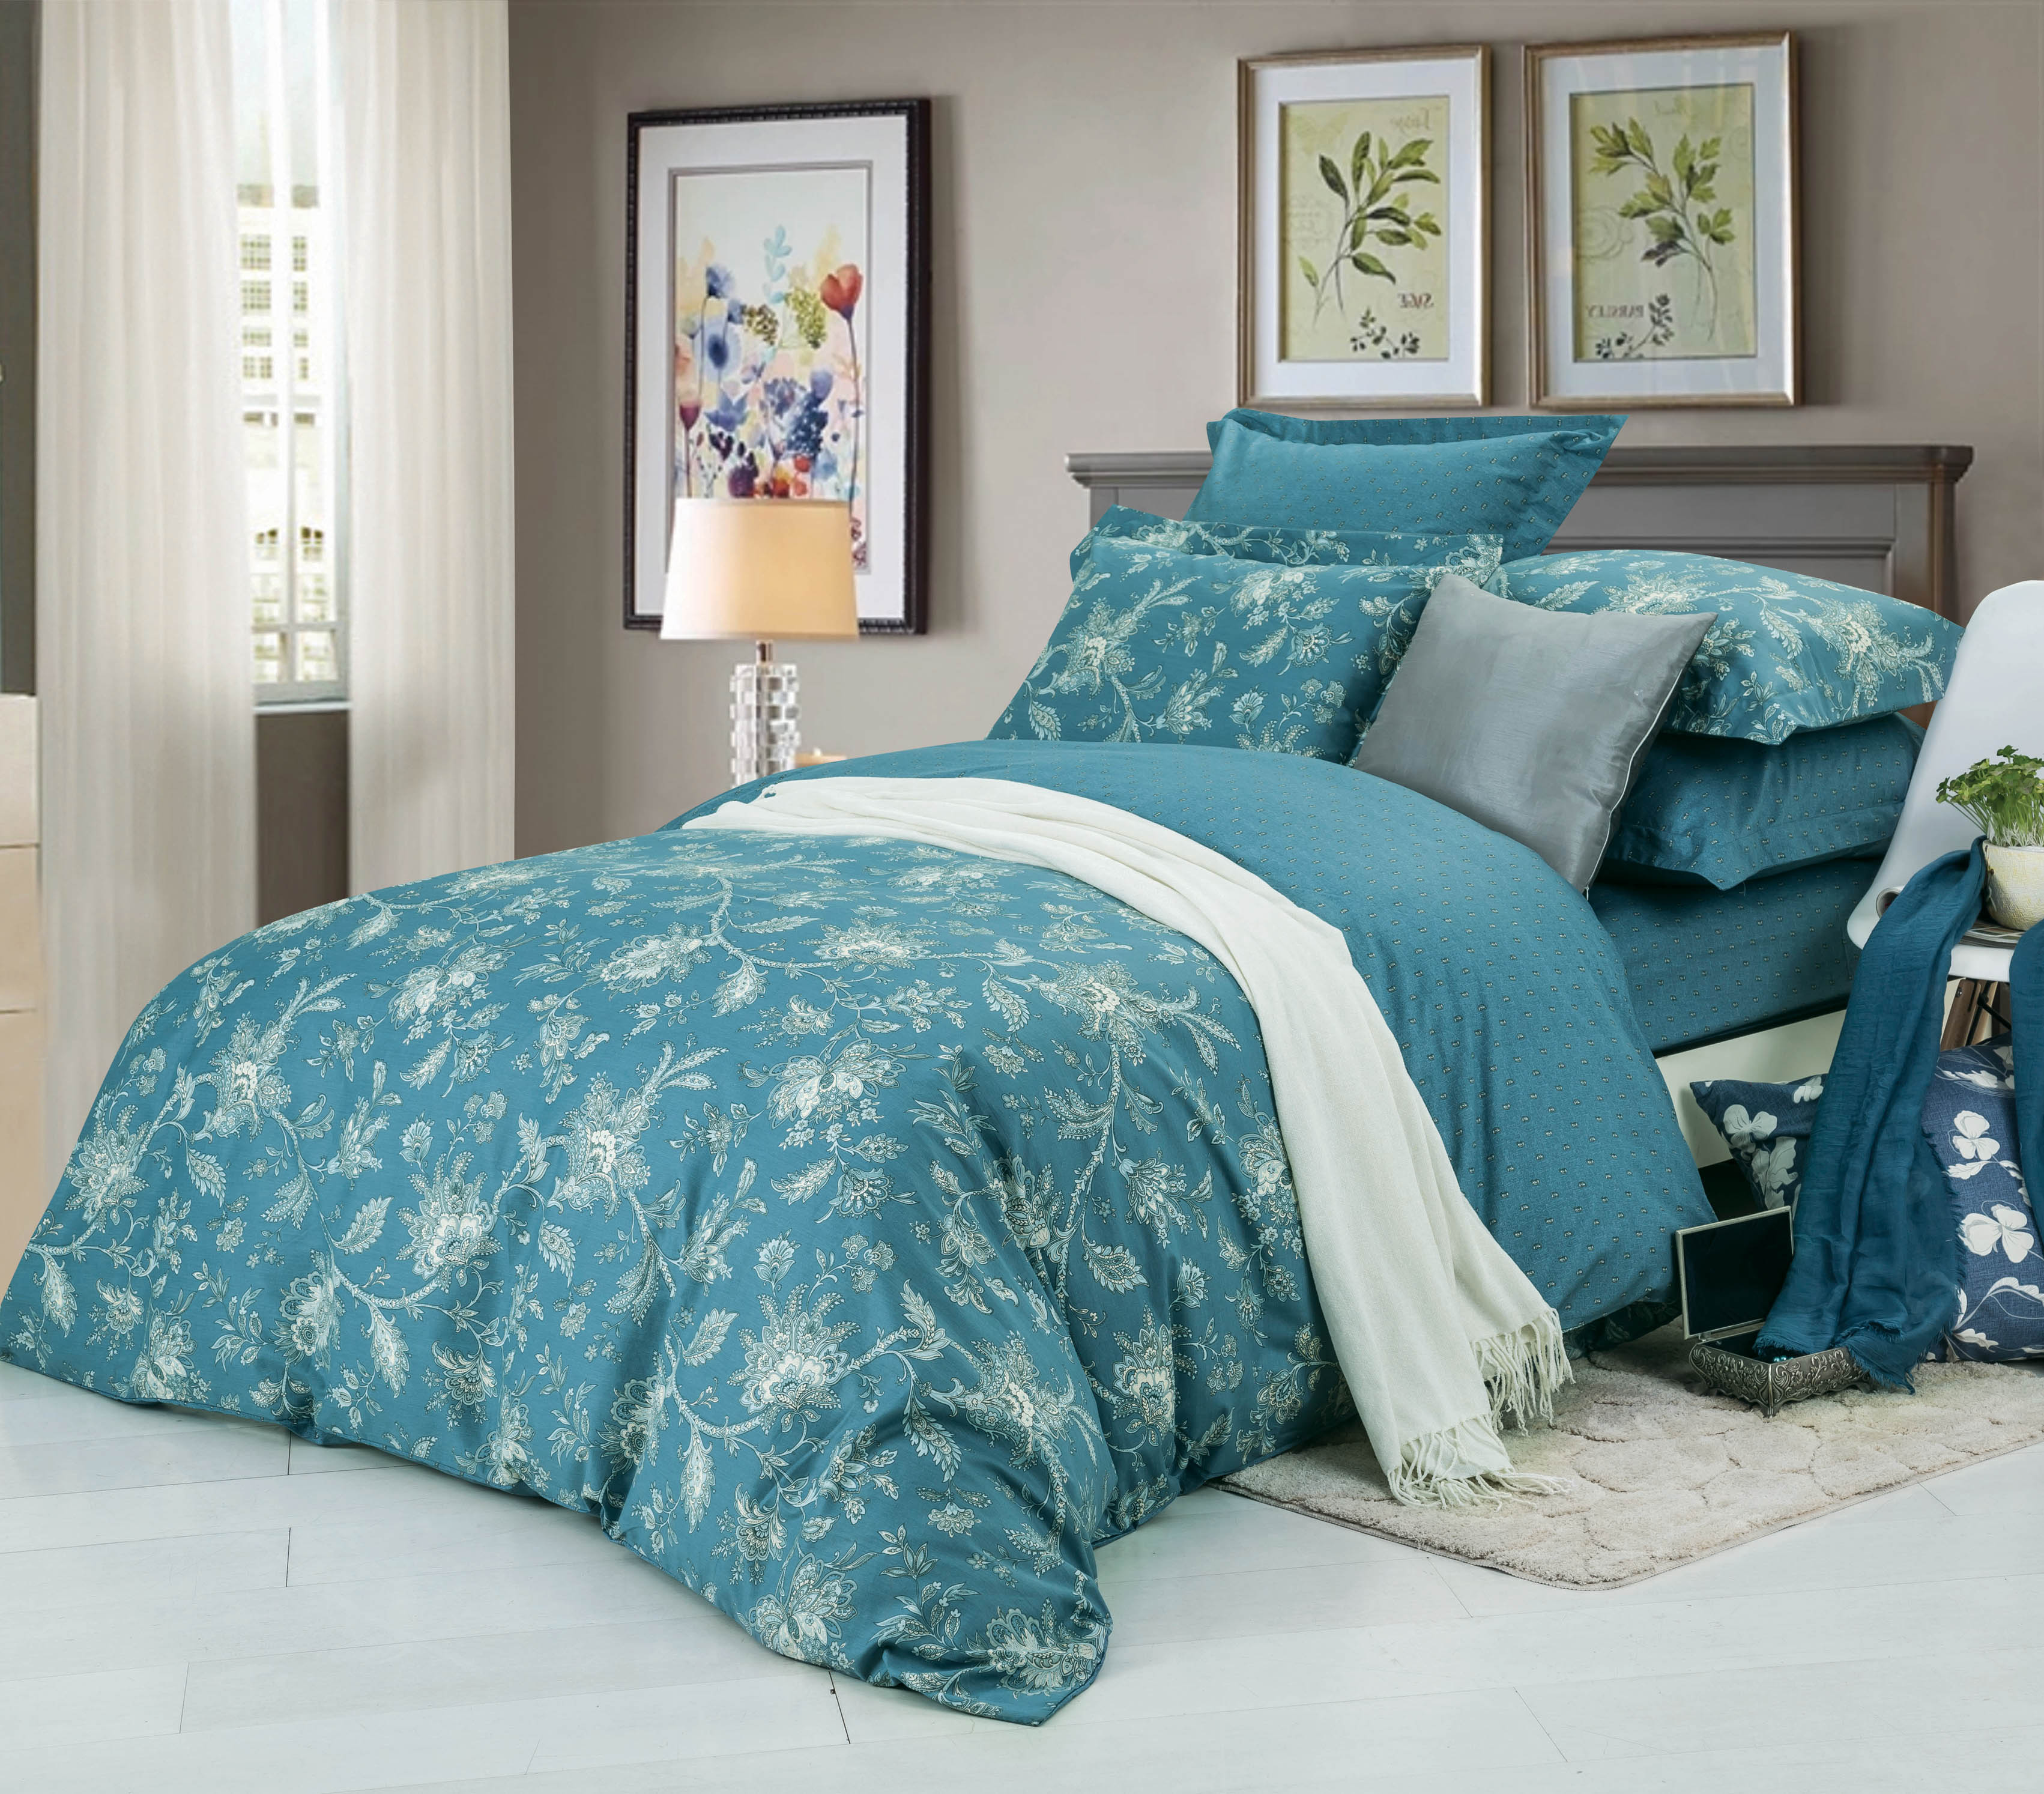 Купить Комплекты постельного белья СайлиД, Постельное бельеRope B-180(семейное), Китай, Зеленый, Хлопковый сатин